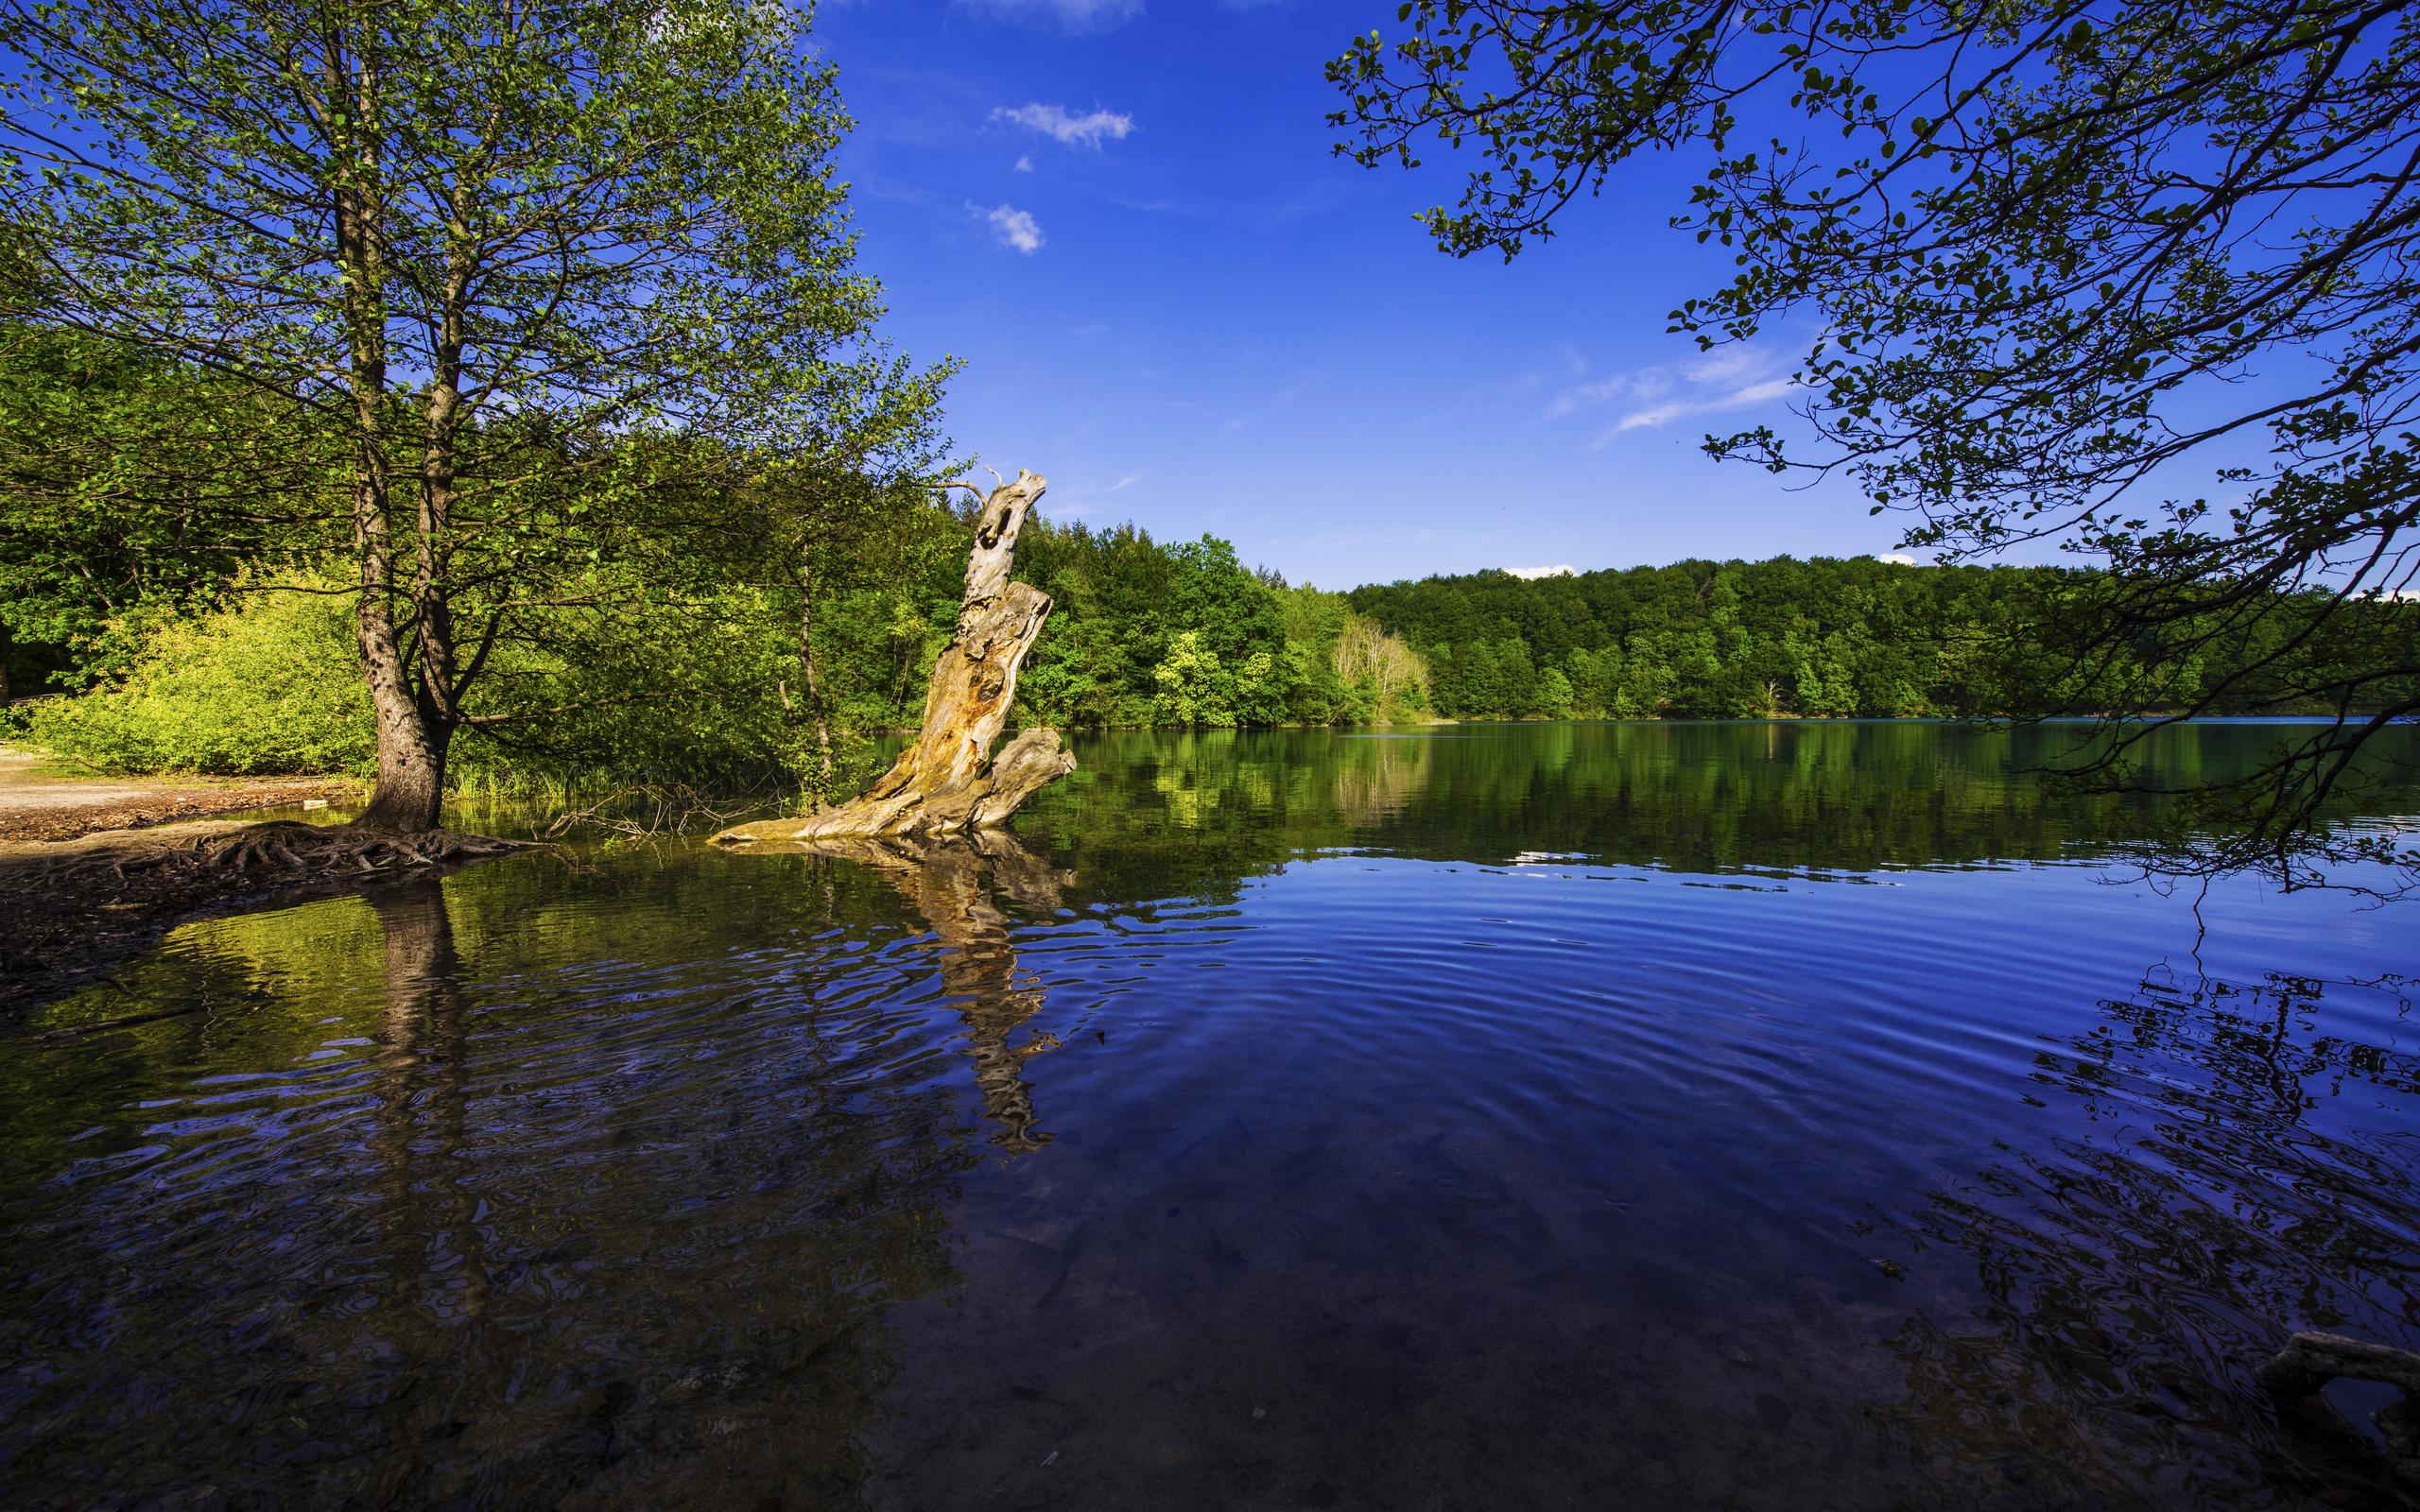 хорватия, озеро, plitvice lakes, national park, деревья, пень, природа